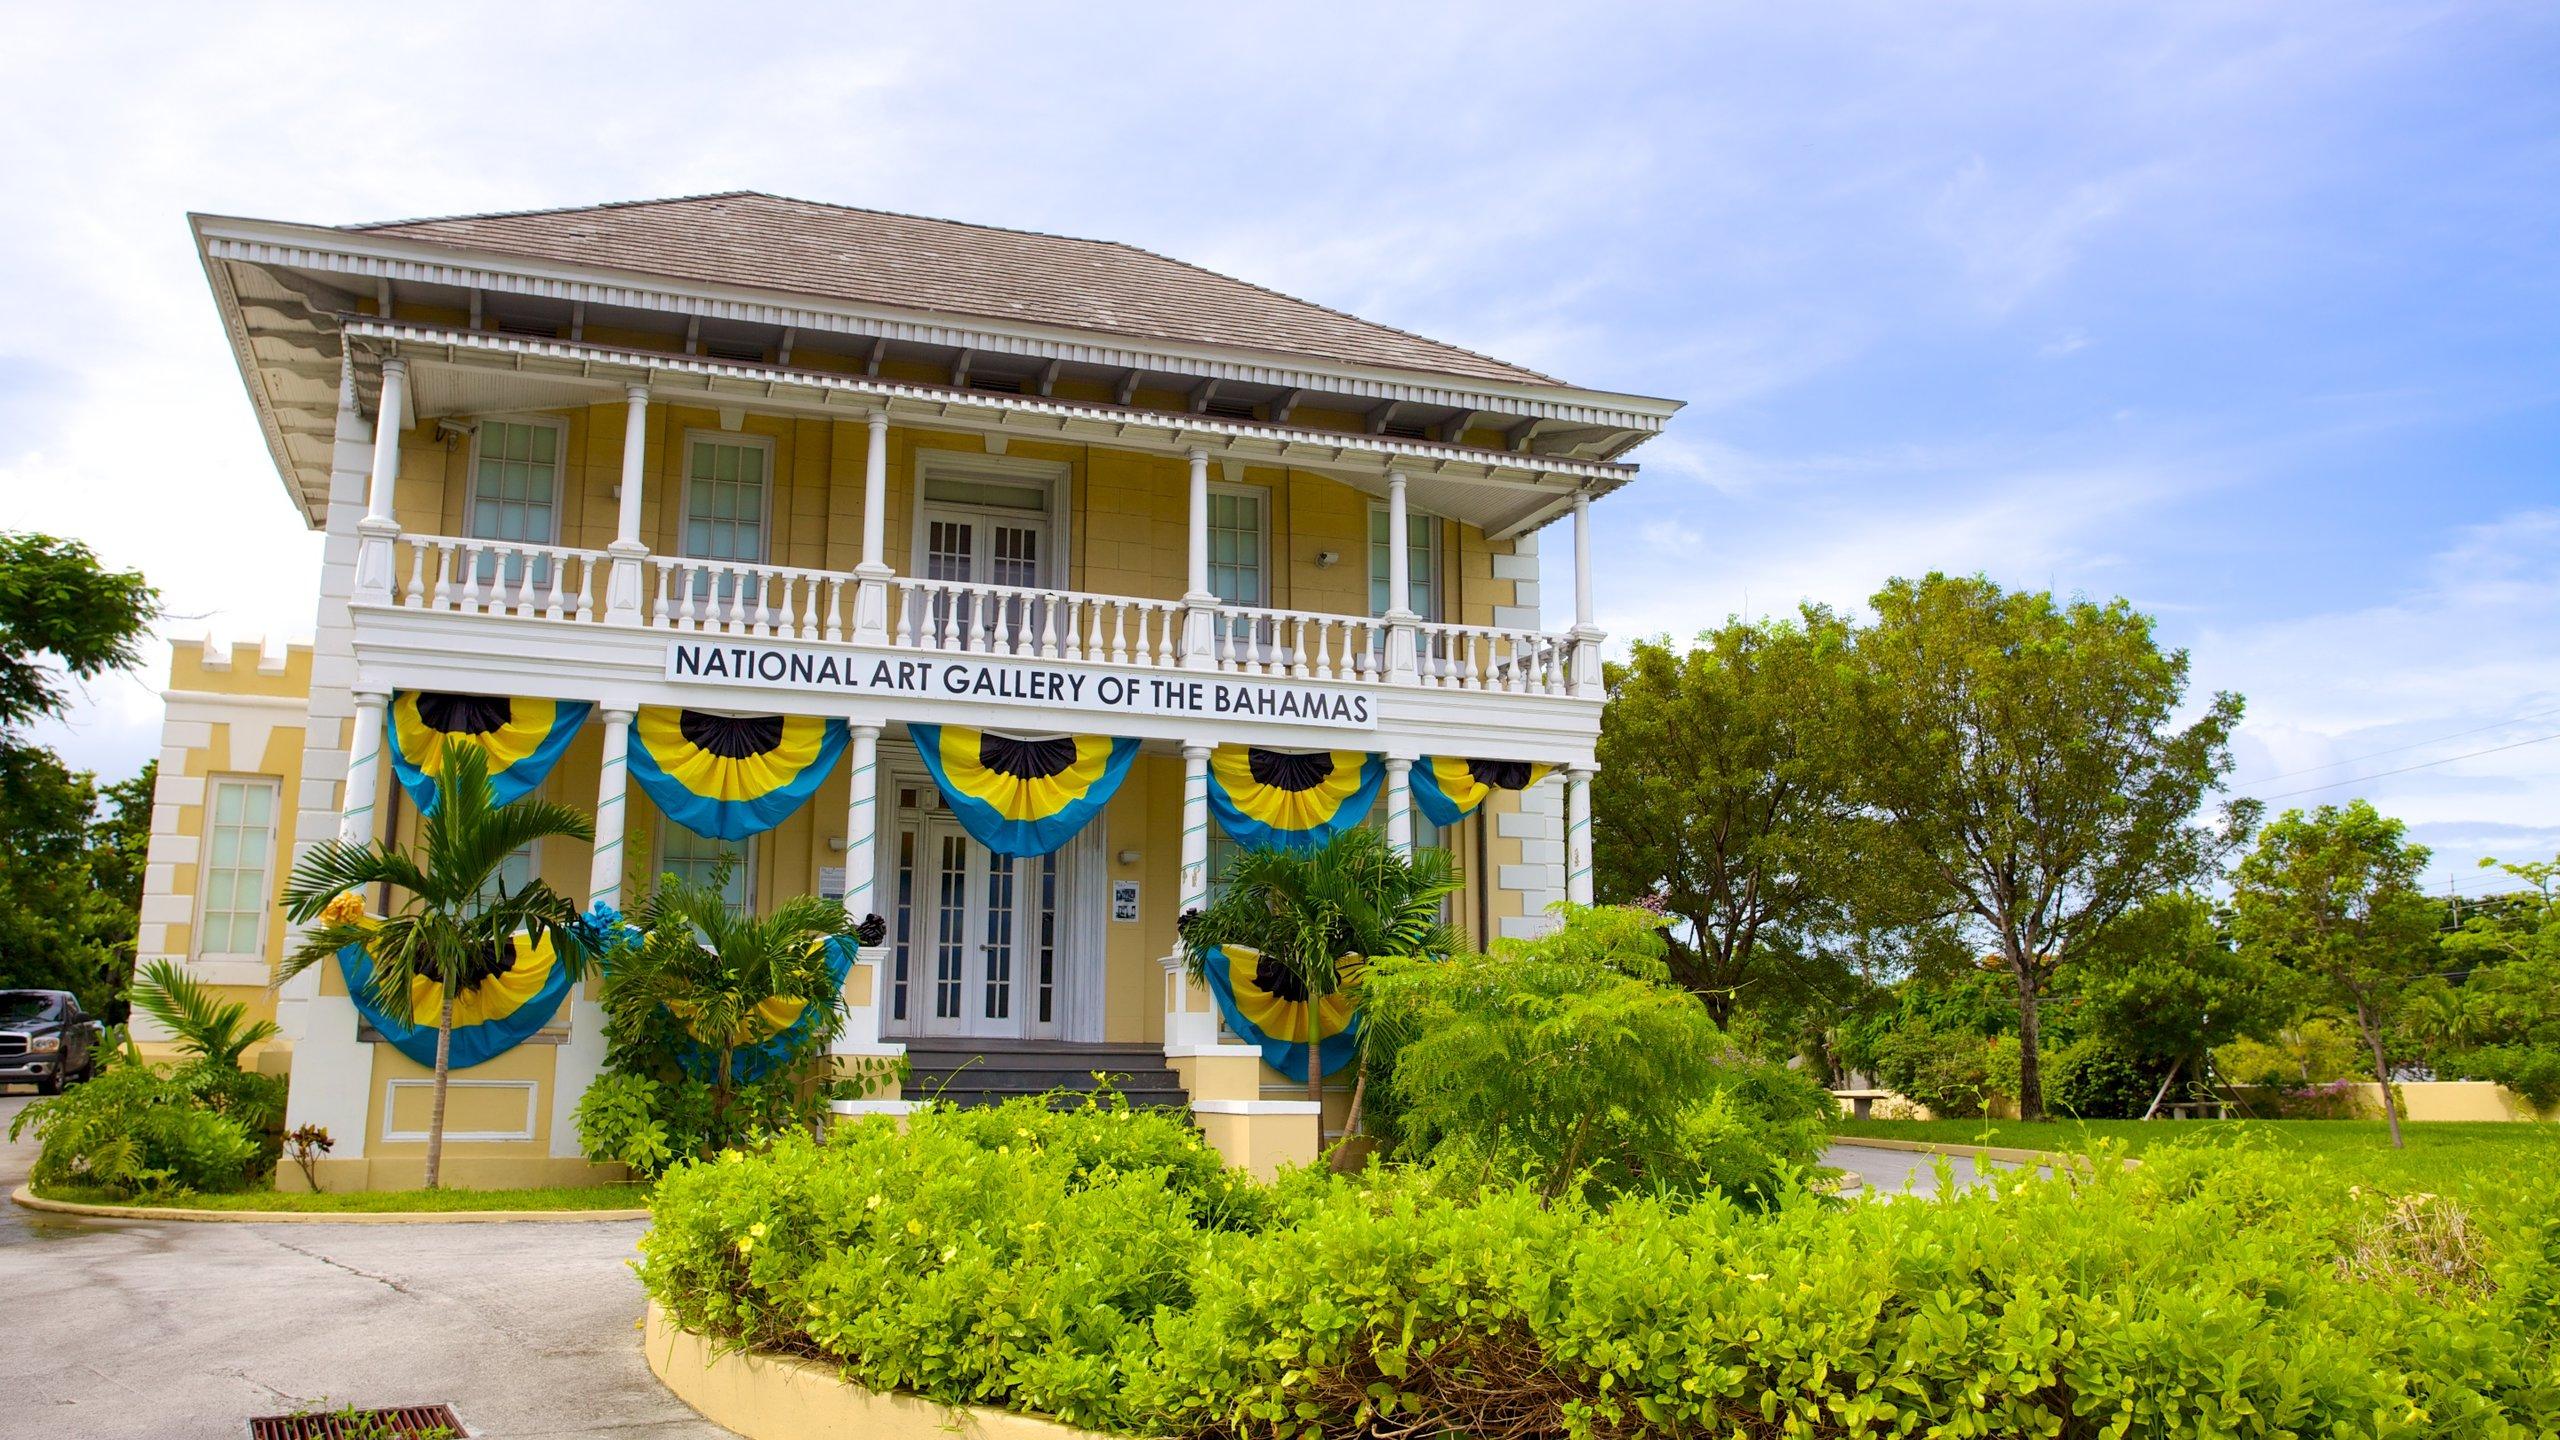 Entdecken Sie in dieser faszinierenden Kunstgalerie die traditionelle Kunst der Bahamas und wichtige Kunstwerke der Kolonialzeit.